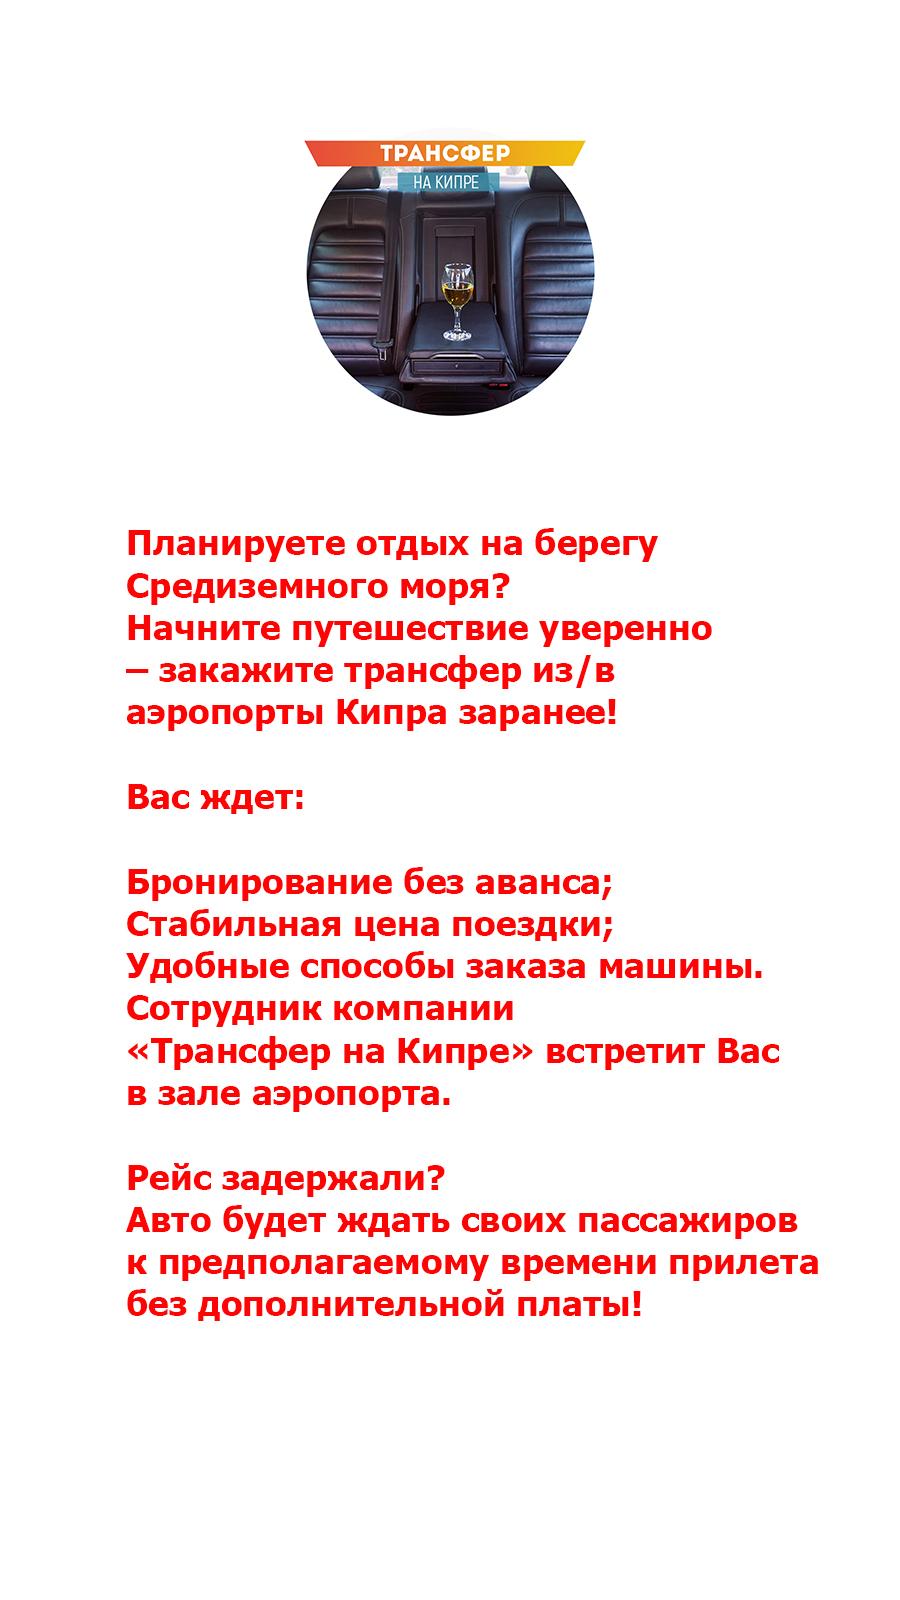 taxi-cyprus.ru - Русская служба такси, трансферов и экскурсий на Кипре!